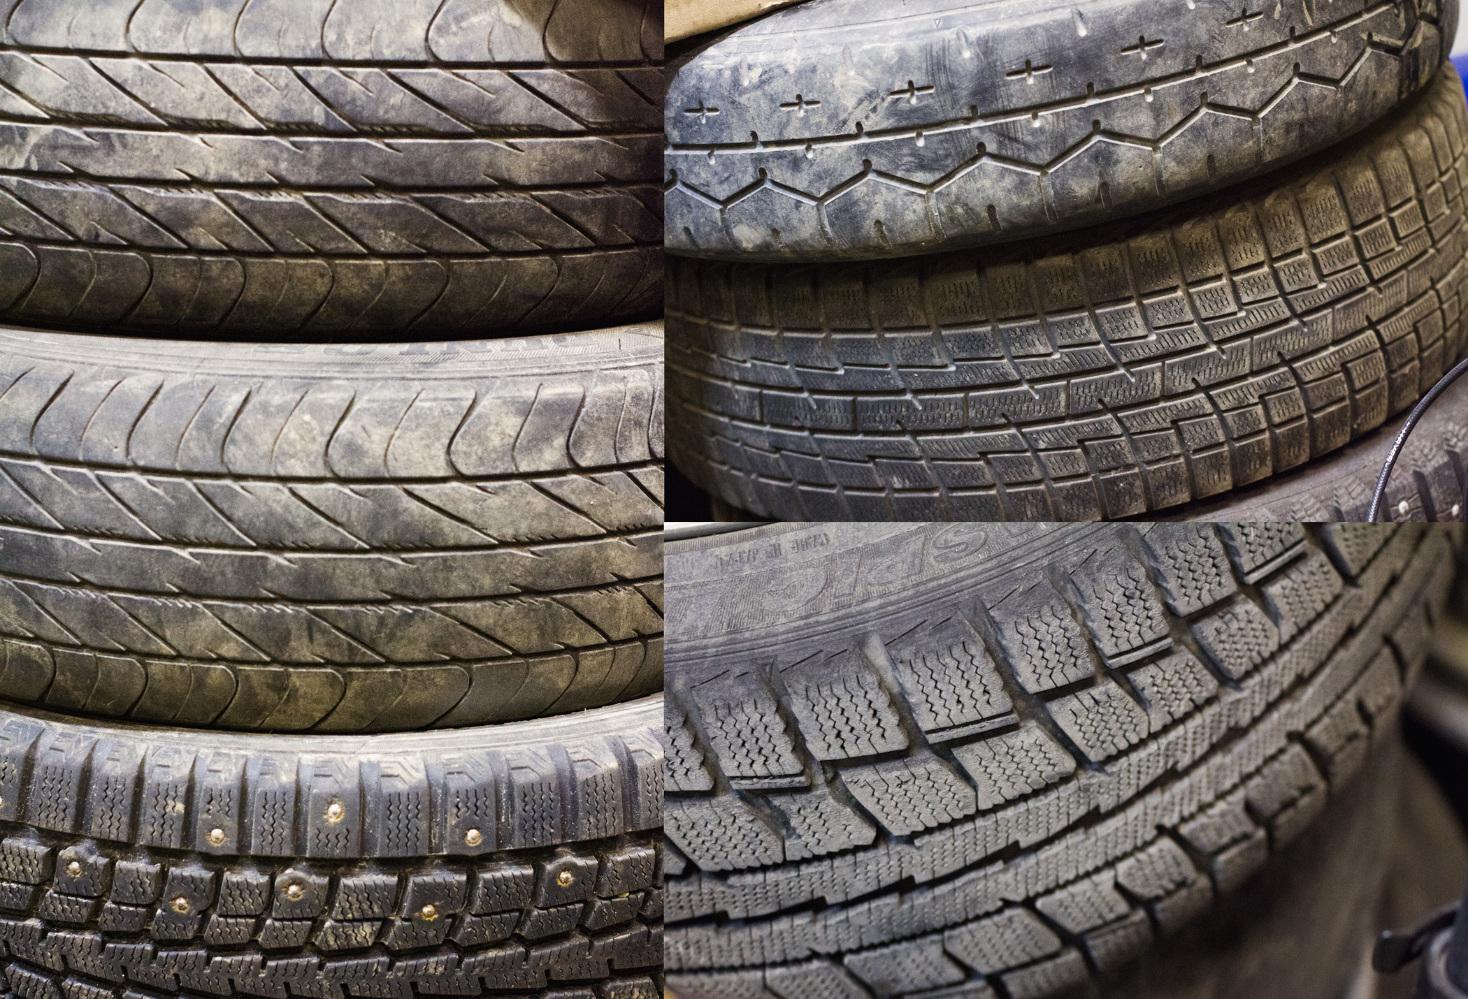 Виды износа протекторов шин на Citroen C4